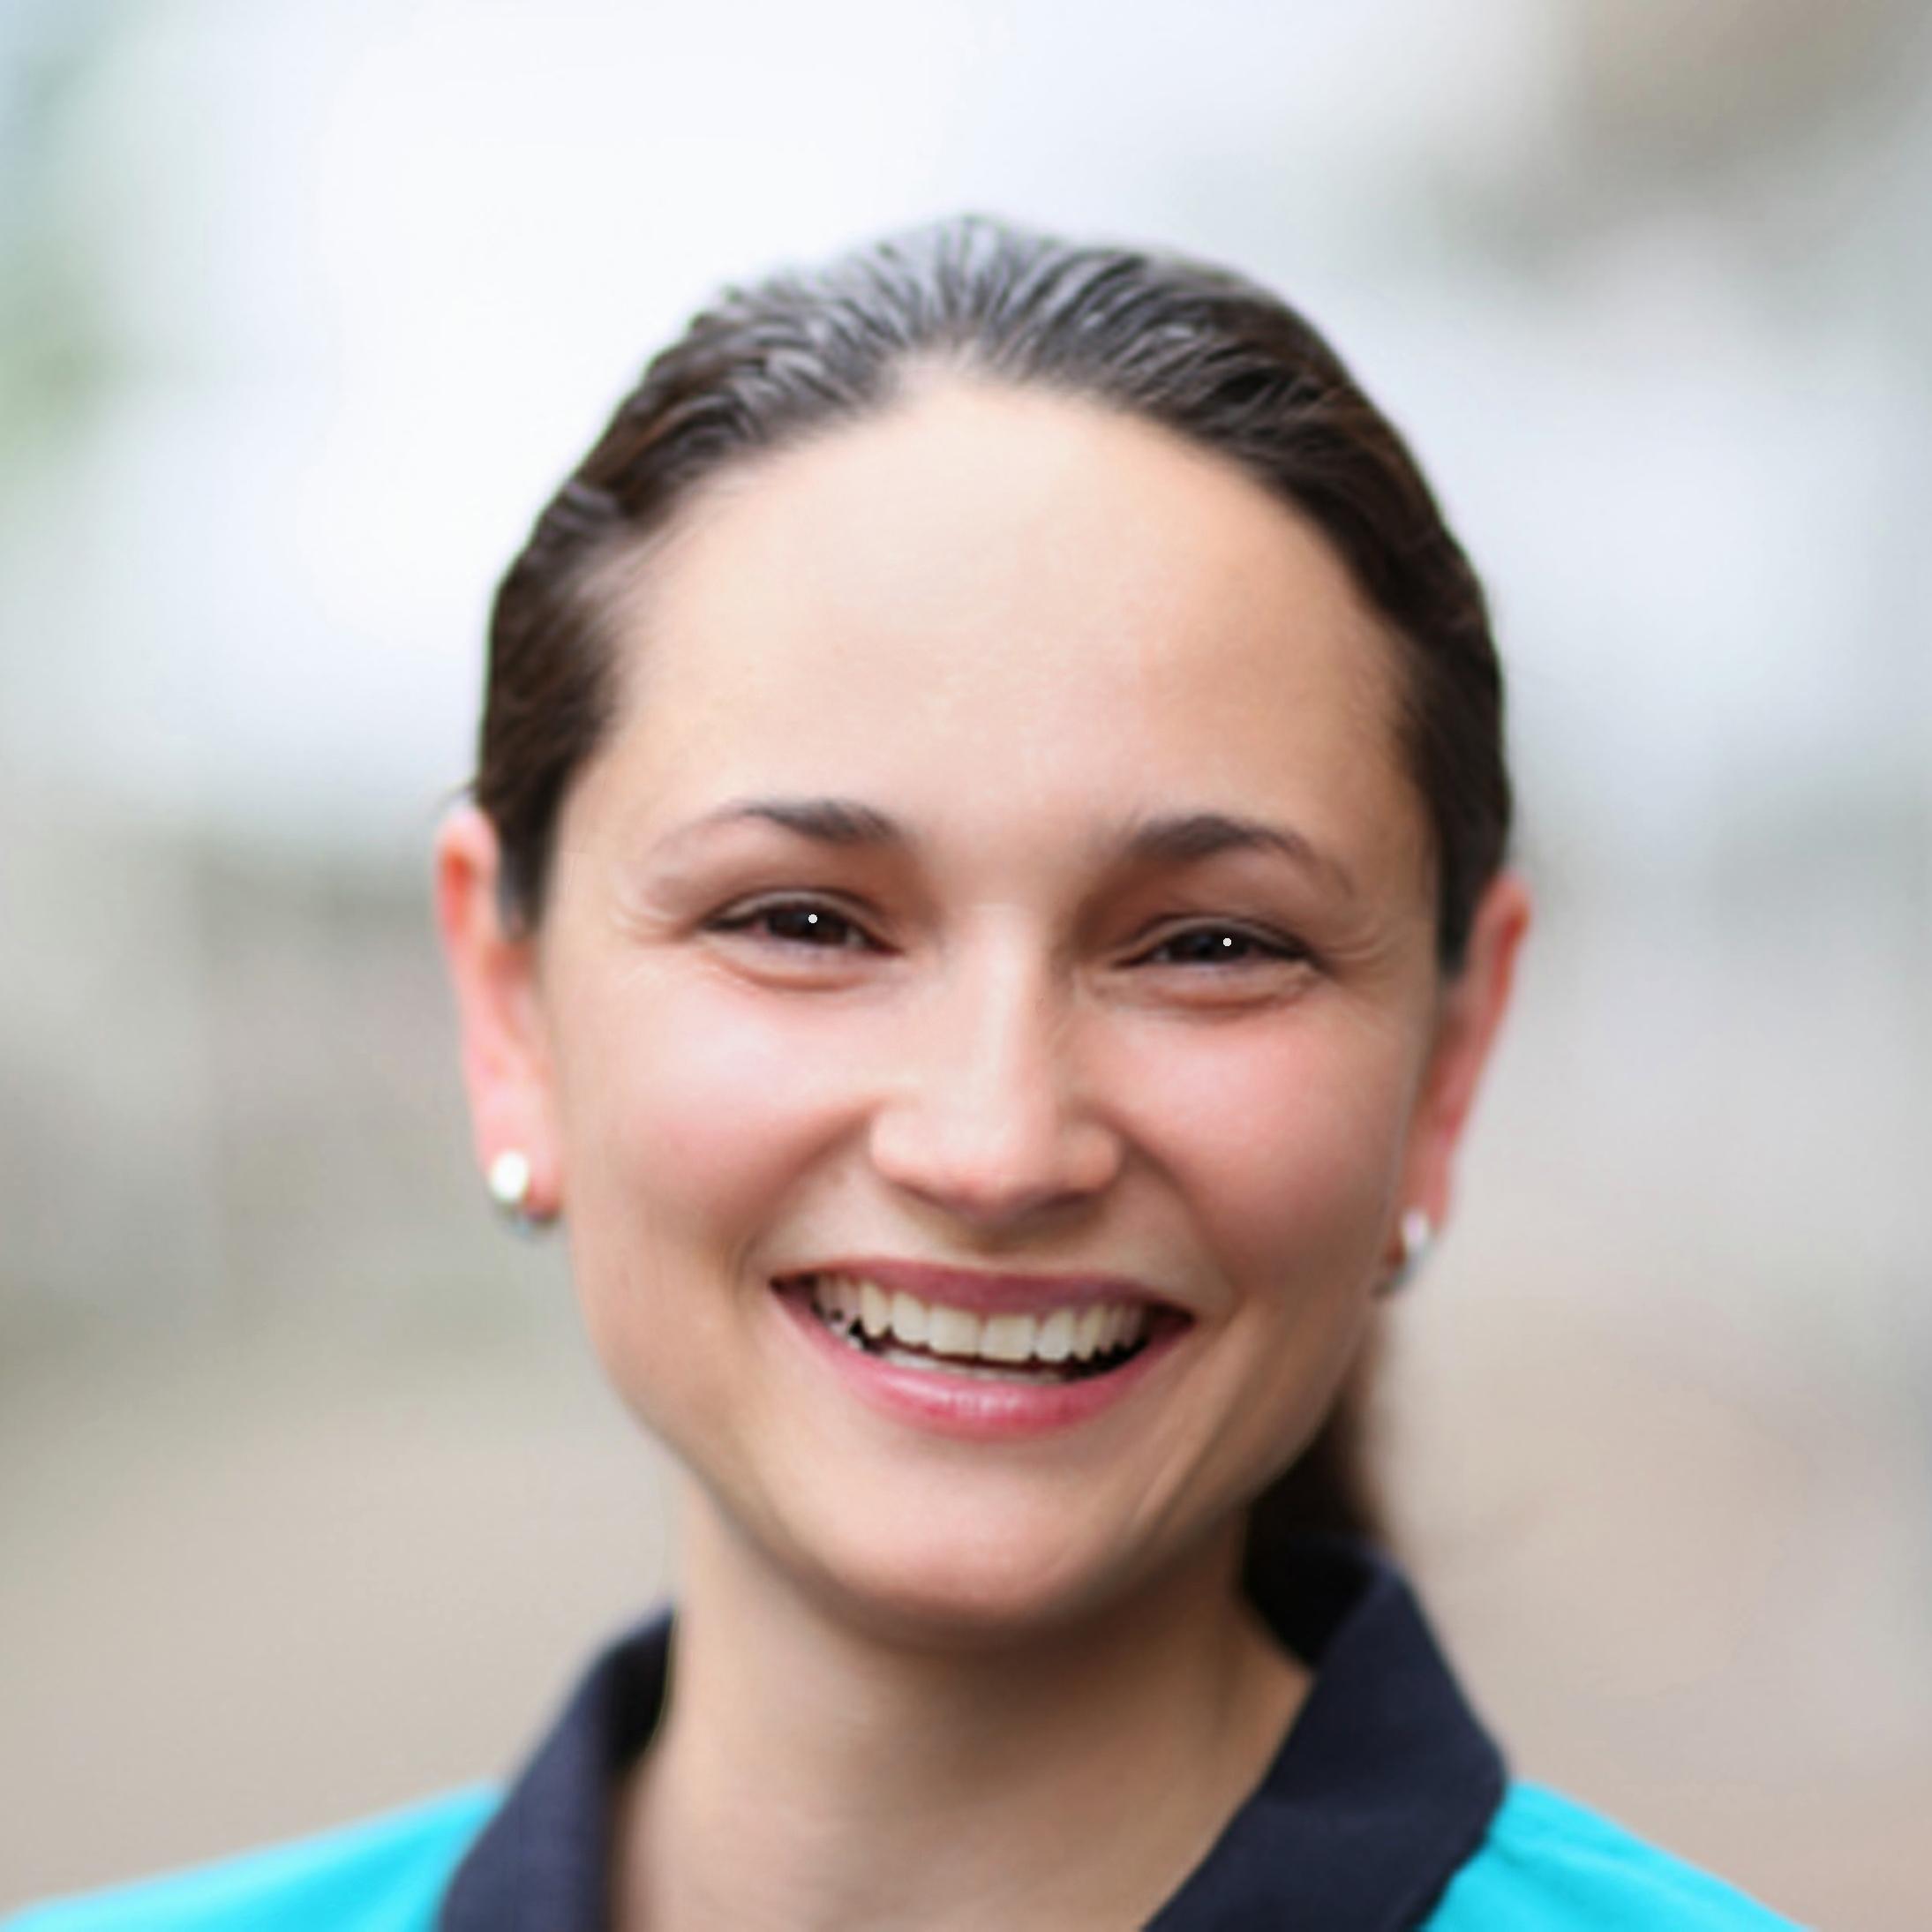 Nadine Kühnel